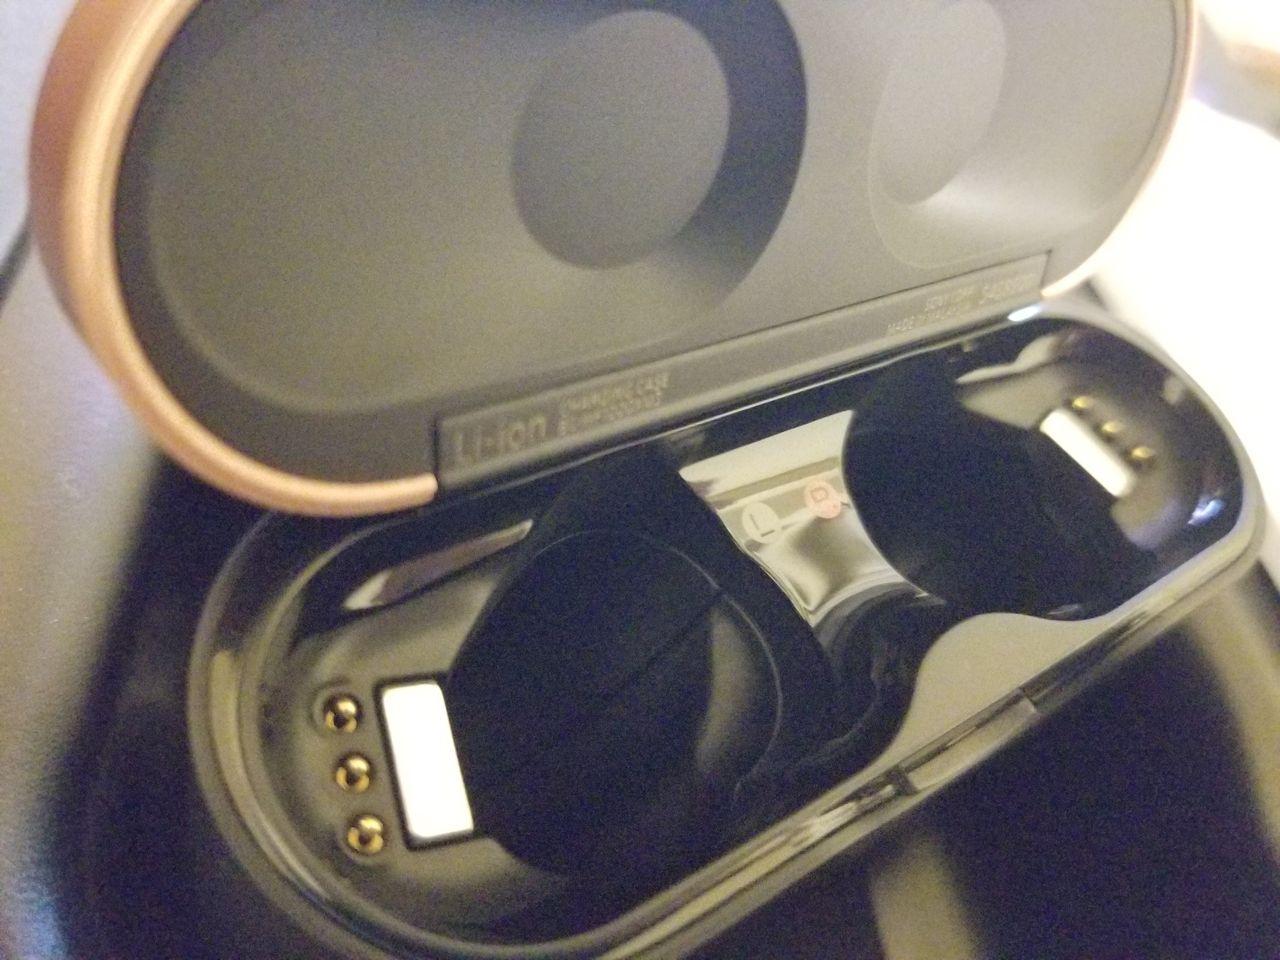 ワイヤレスイヤホン ソニー SONY ワイヤレスノイズキャンセリングイヤホン WF-1000XM3  _184238